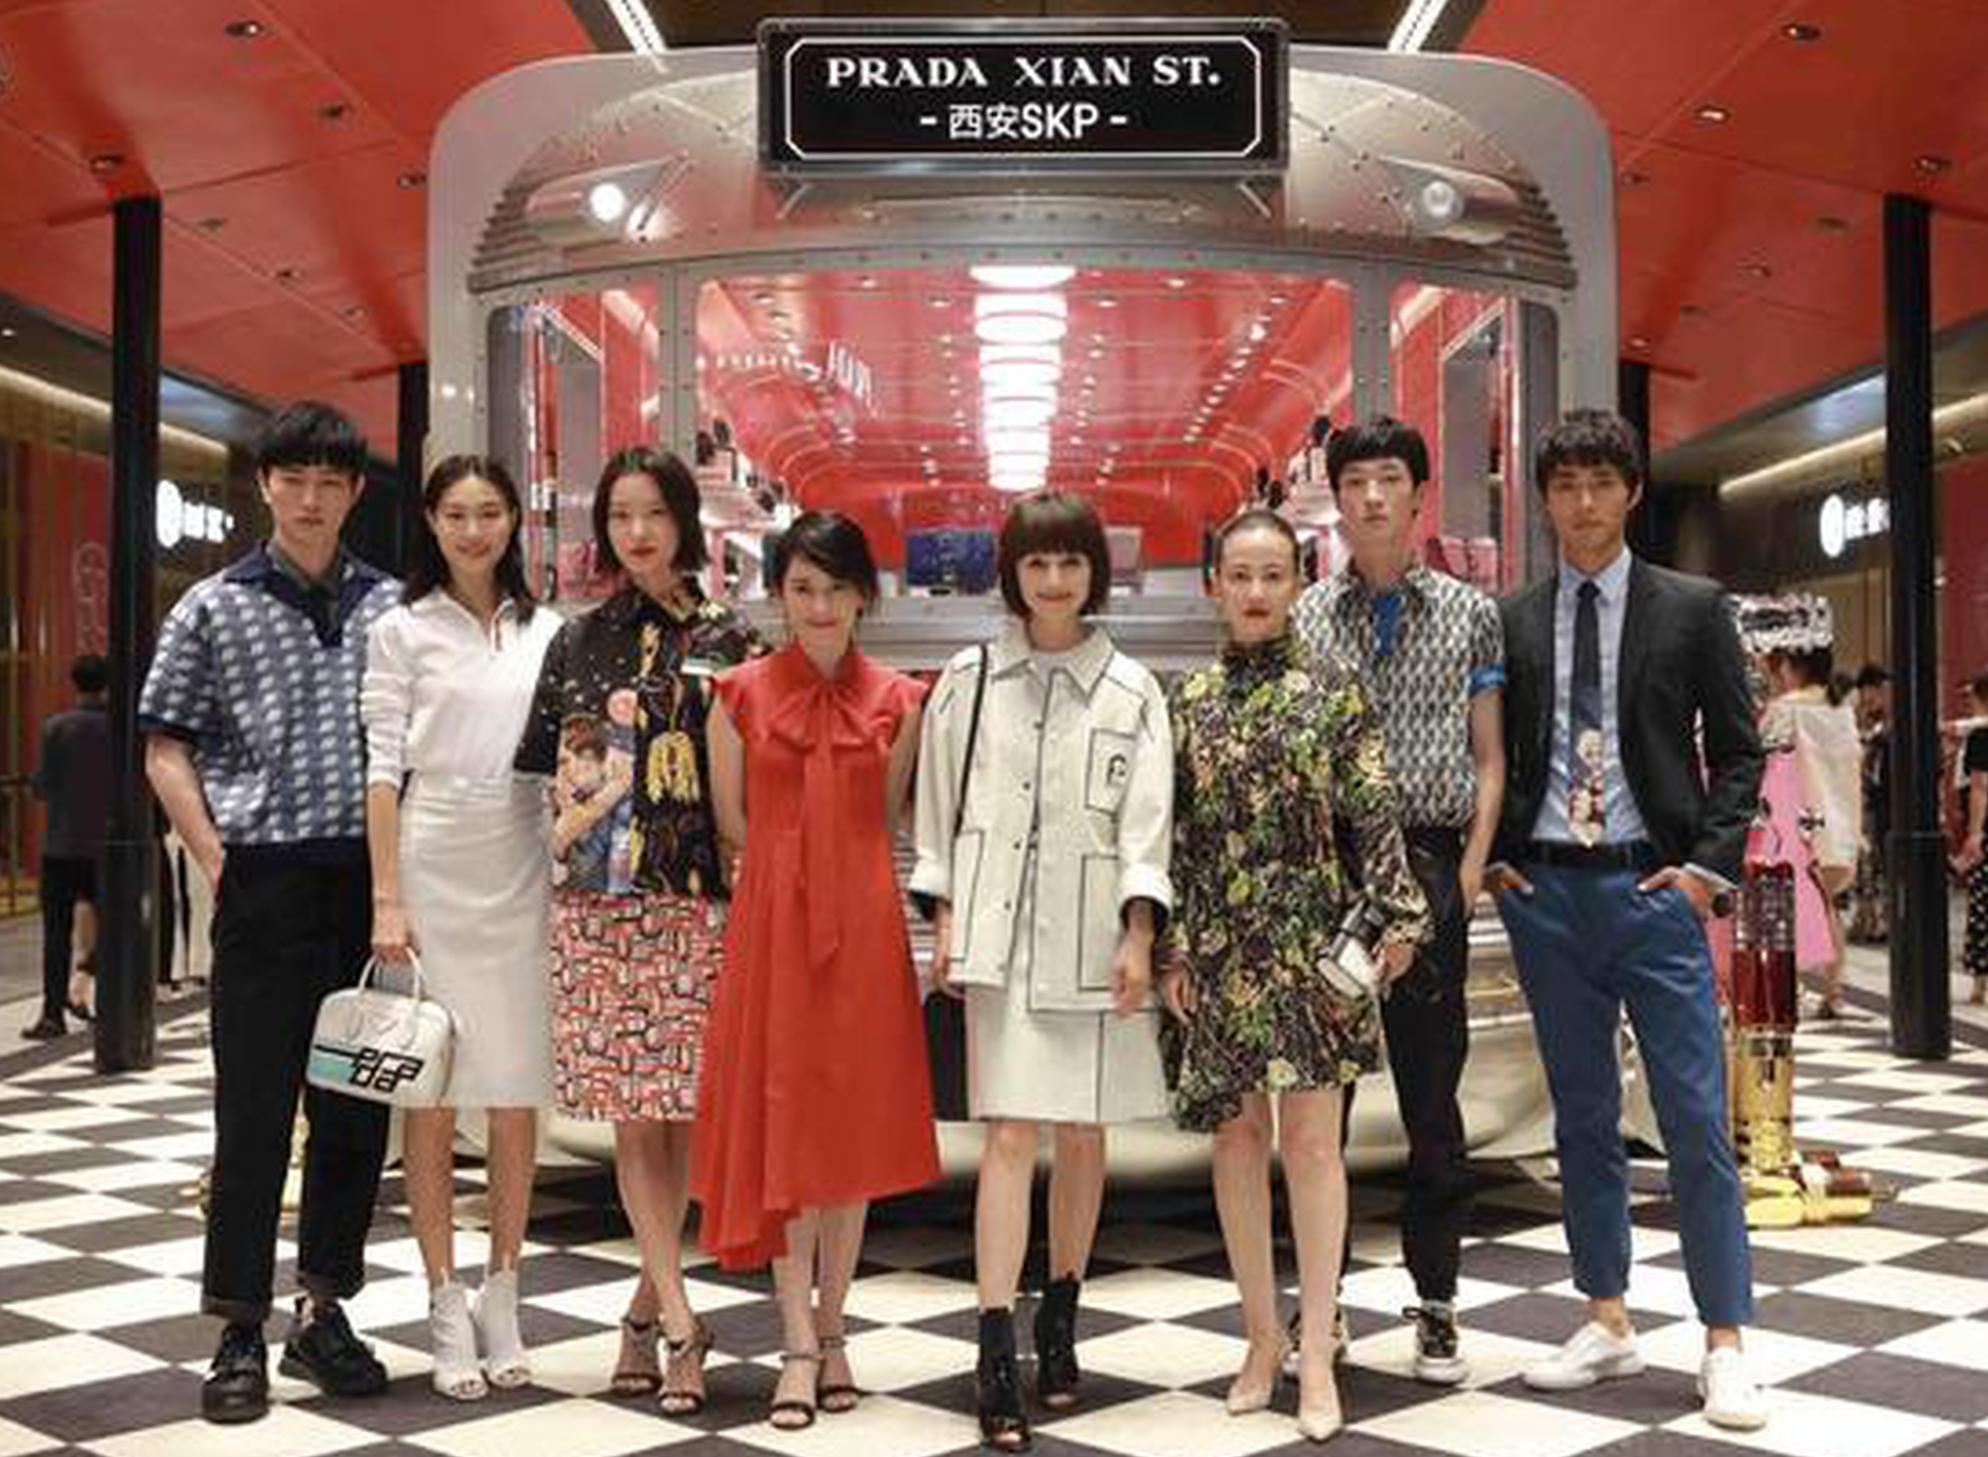 众星出席Prada银色列车号